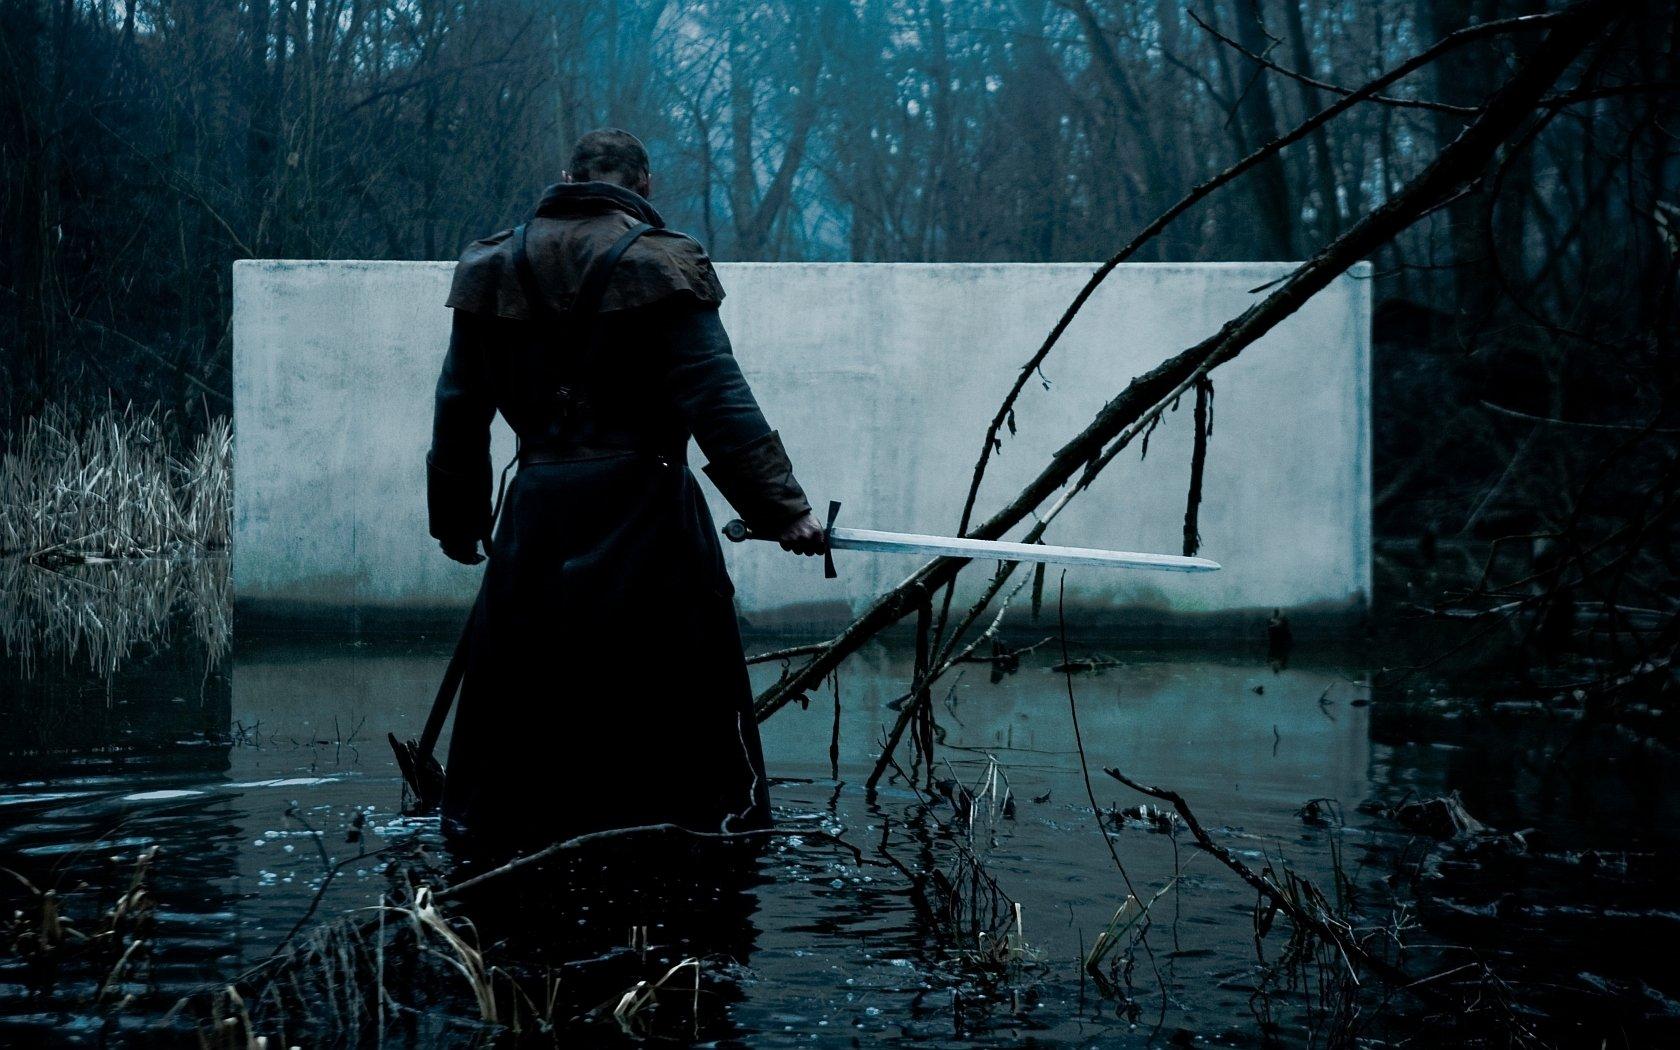 Hd wallpaper evil - Hd Wallpaper Background Id 305712 1680x1050 Movie Evil Rising